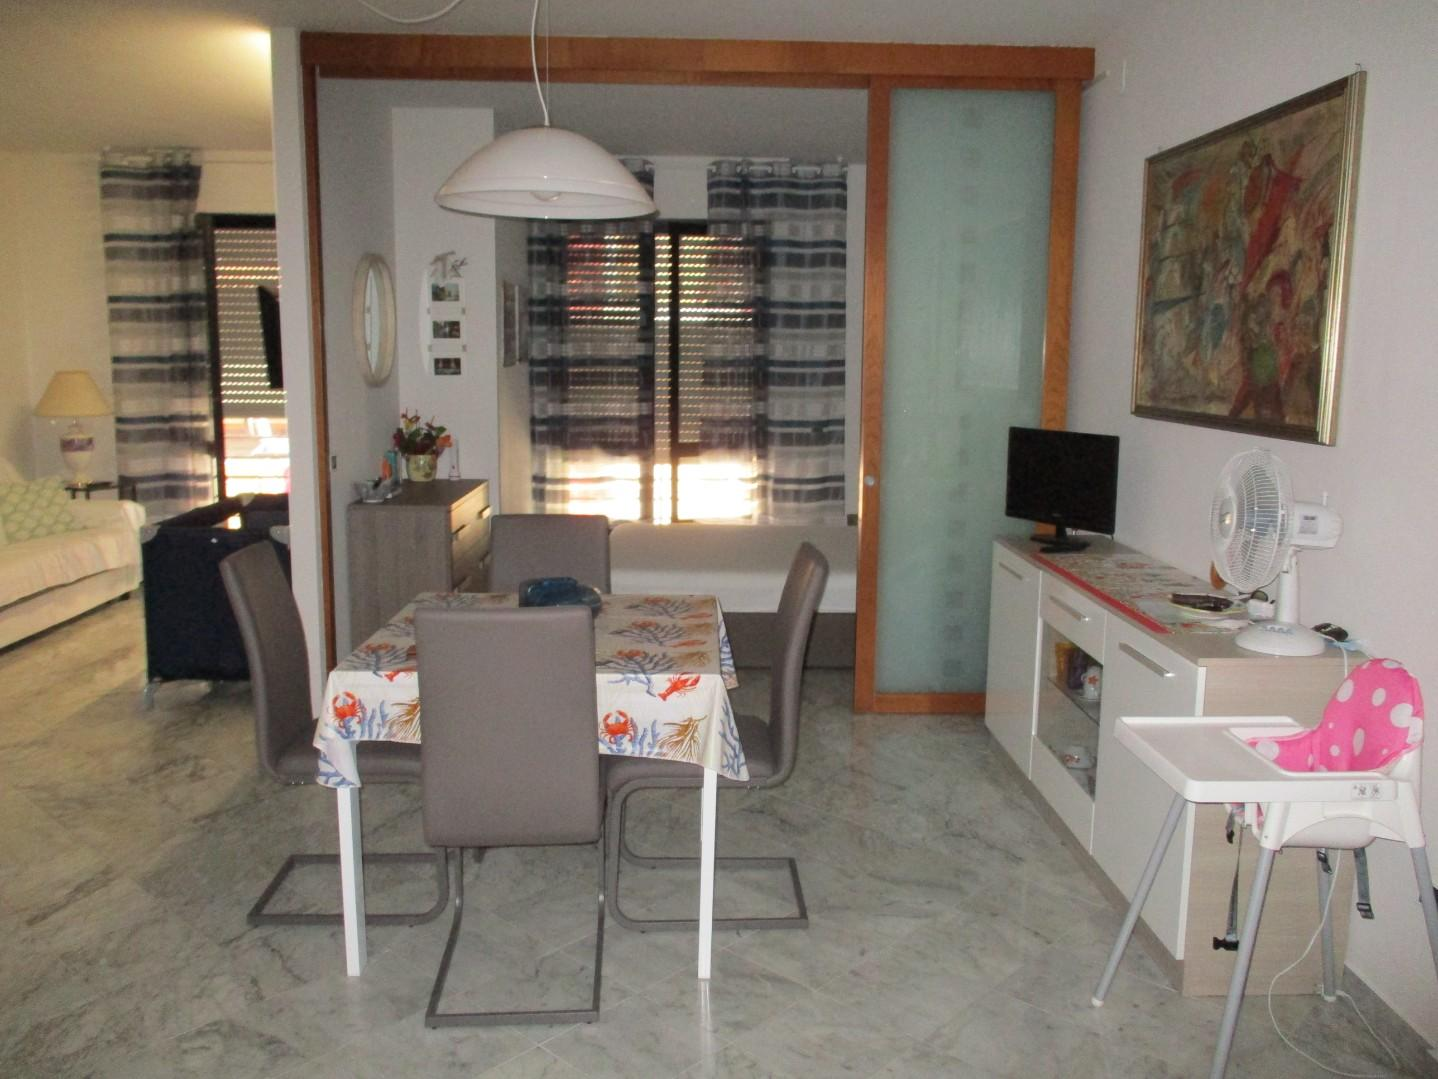 Open Space in vendita a Viareggio (LU)